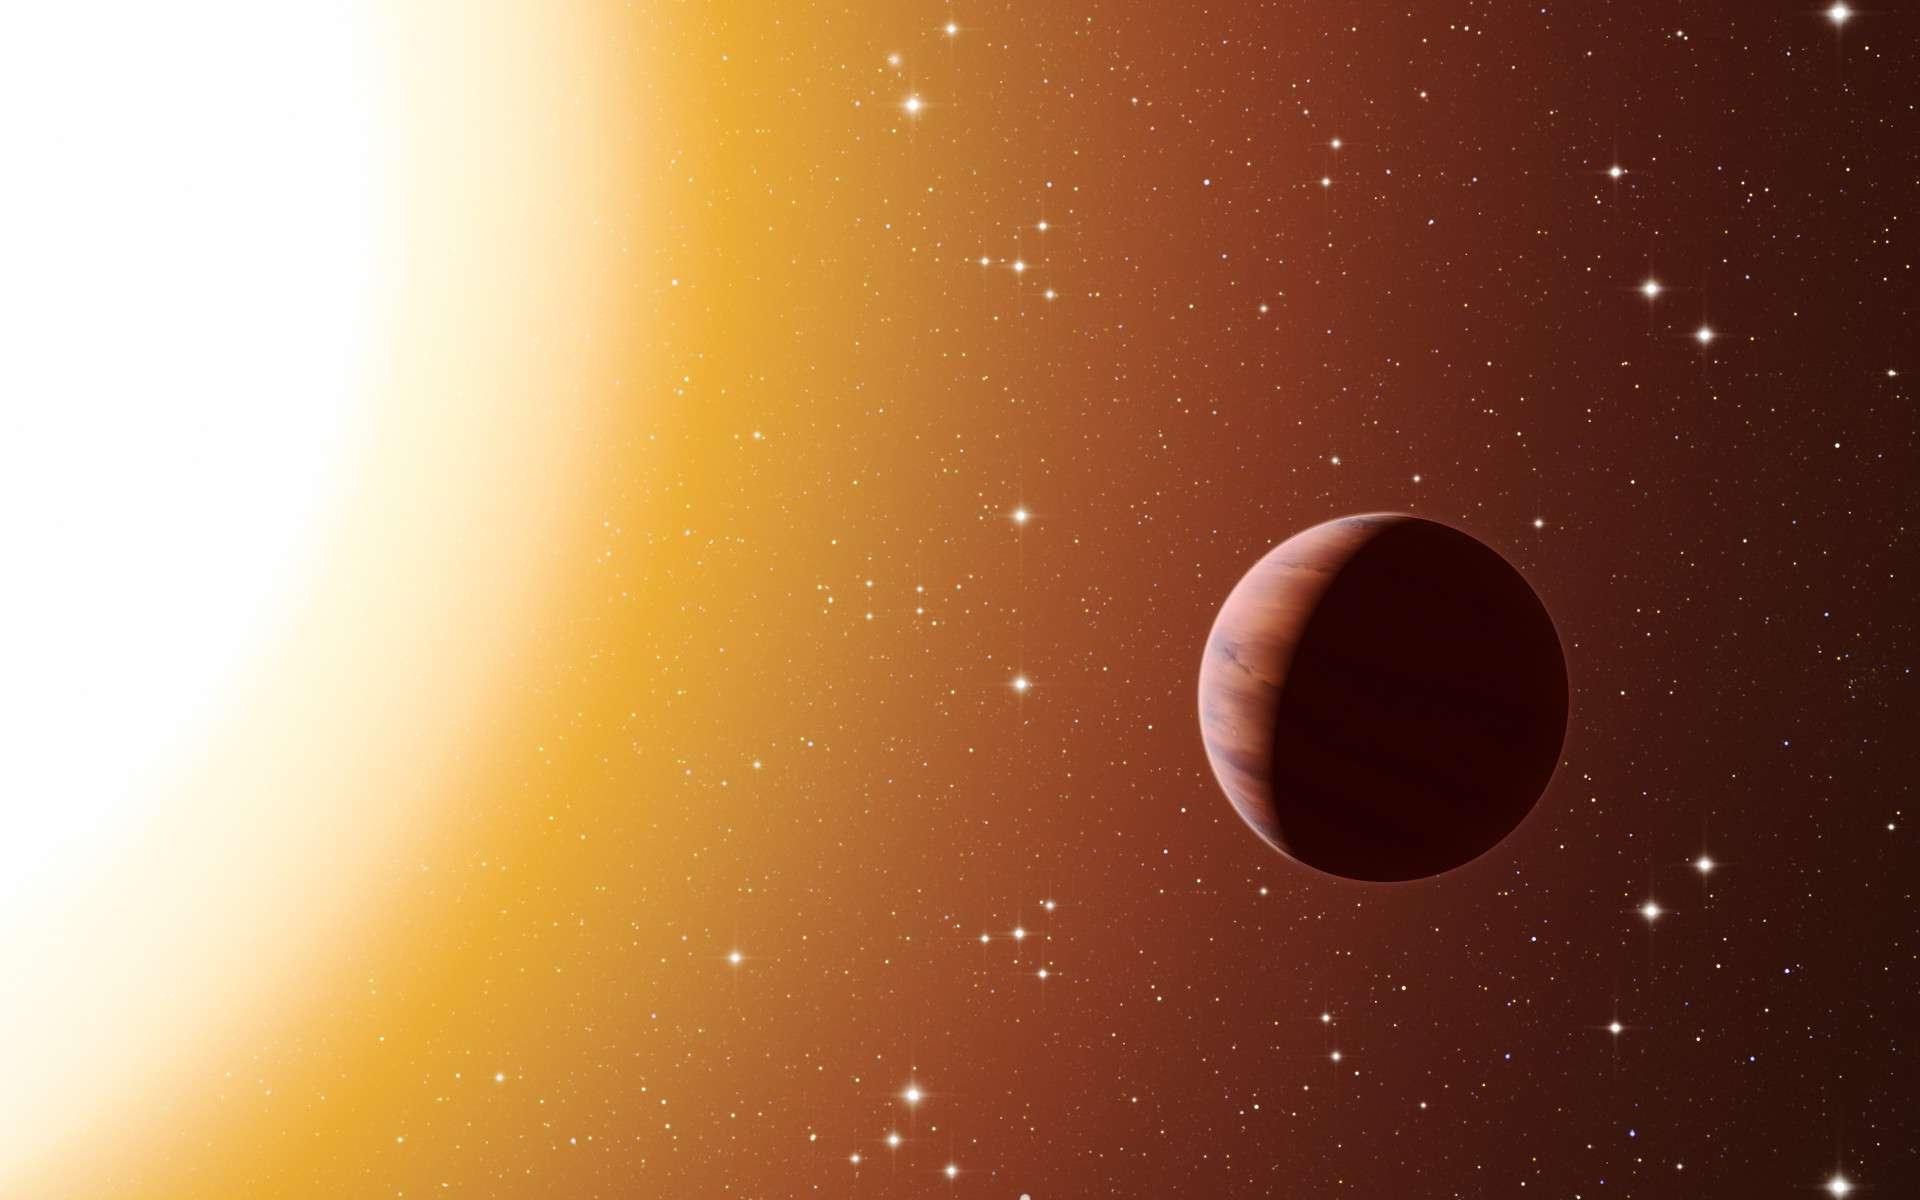 Sur cette vue d'artiste, figure une planète de type Jupiter chaud en orbite proche, autour de l'une des étoiles du riche et vieil amas Messier 67 dans la constellation du Crabe. Les astronomes ont découvert, au sein de l'amas, bien plus de planètes de ce type que prévu. Ce surprenant résultat fait suite à l'utilisation de divers télescopes et instruments, parmi lesquels le spectrographe Harps, à l'Observatoire de La Silla de l'ESO, au Chili. L'environnement plus dense d'un amas favorise de plus fréquentes interactions entre planètes et étoiles proches, ce qui peut expliquer cet excès de Jupiters chauds. © ESO/L. Calçada